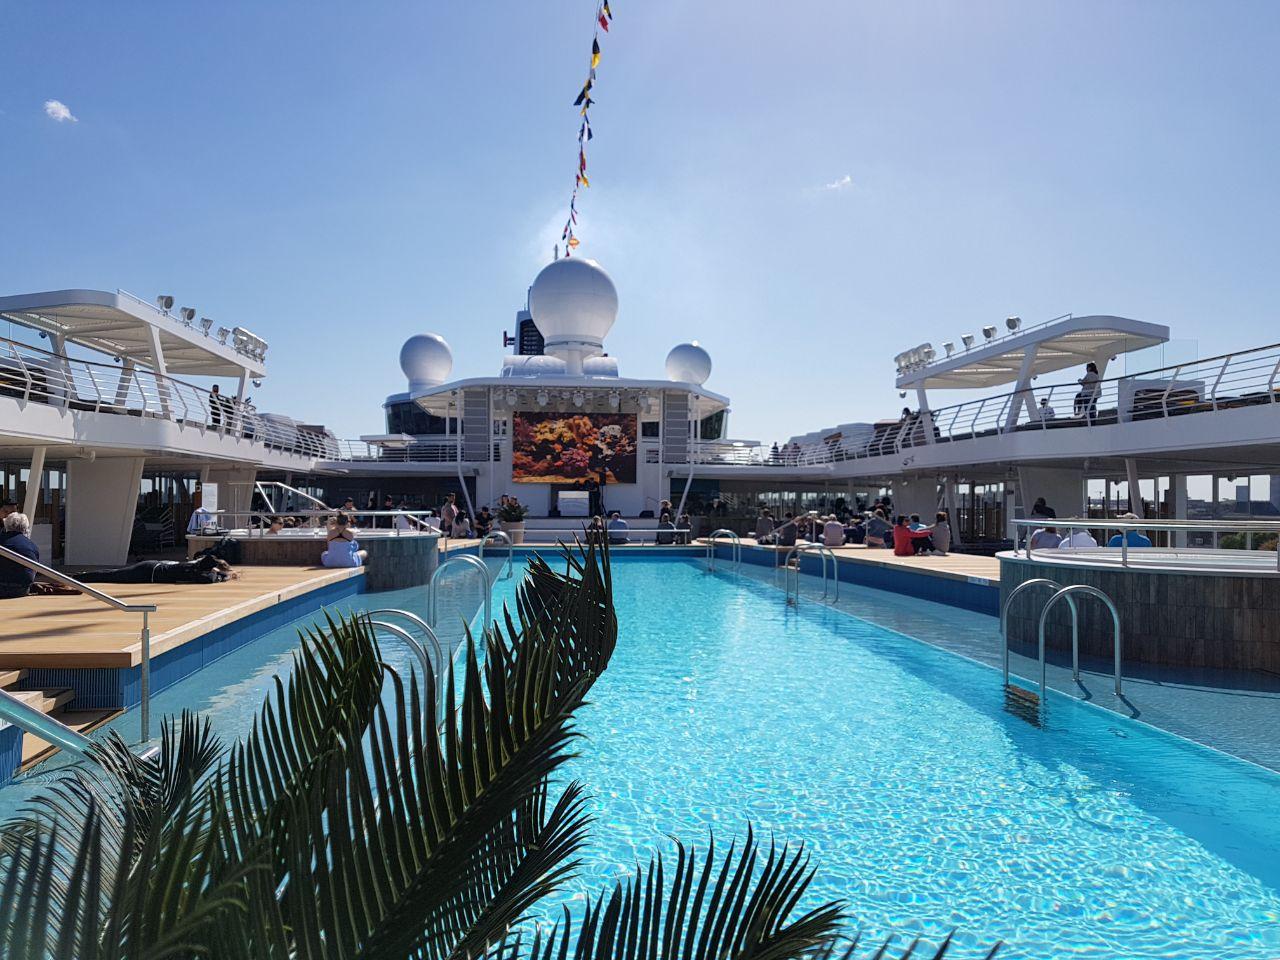 Unterwegs auf der neuen MEIN SCHIFF 1   Meine Erfahrungen... uncategorized tui cruises reisebericht kreuzfahrt  Foto 08.05.18 15 45 59 5